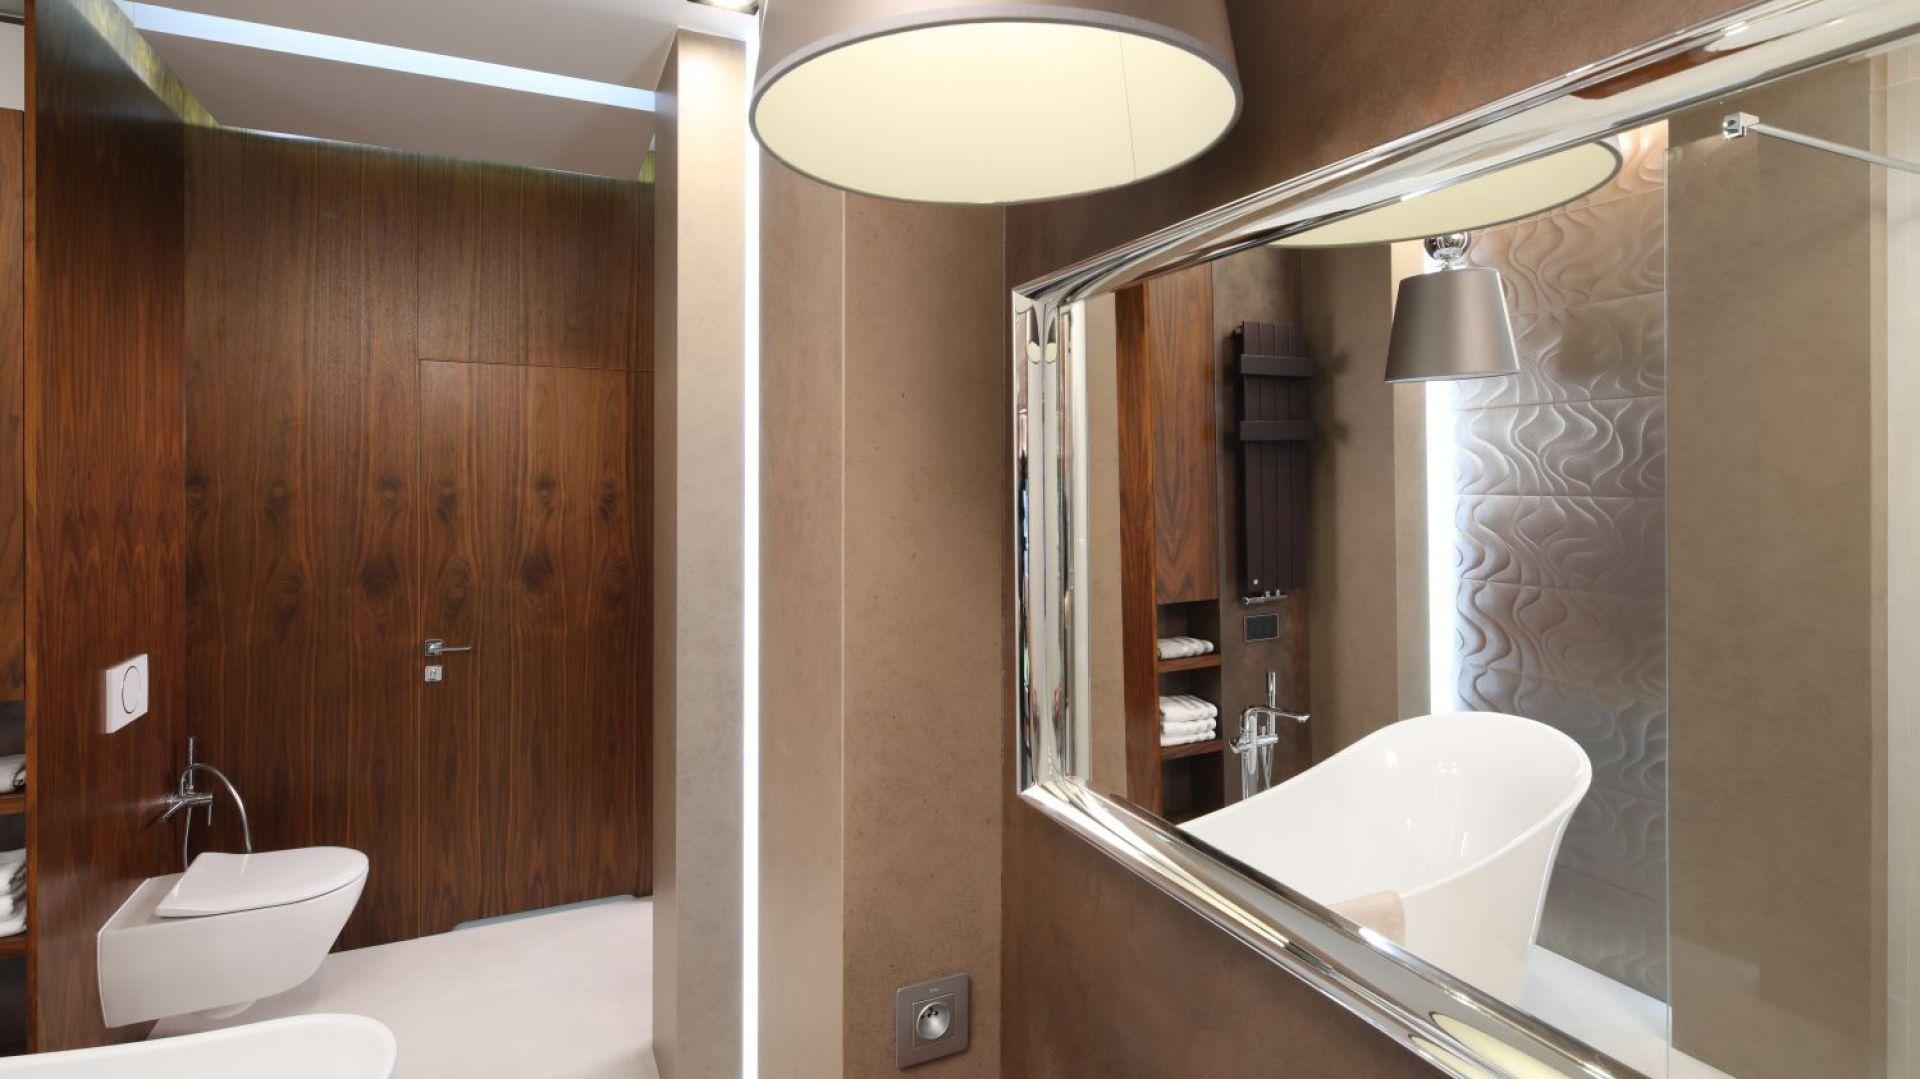 łazienka Przy Sypialni Z Wanną I Kabiną Prysznicową